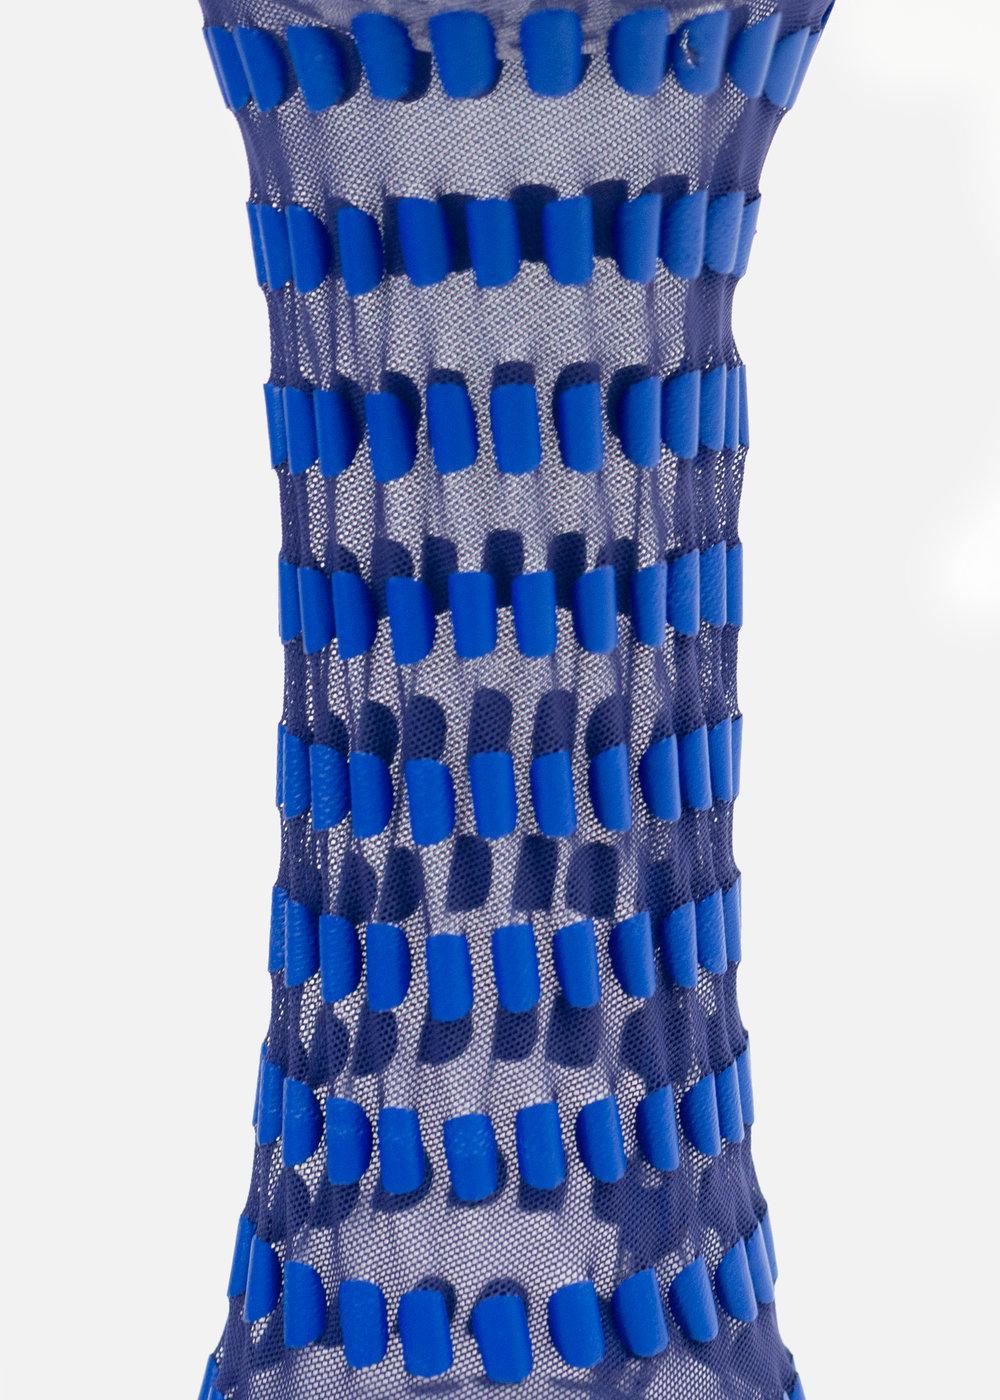 robin pleun maas textile tension